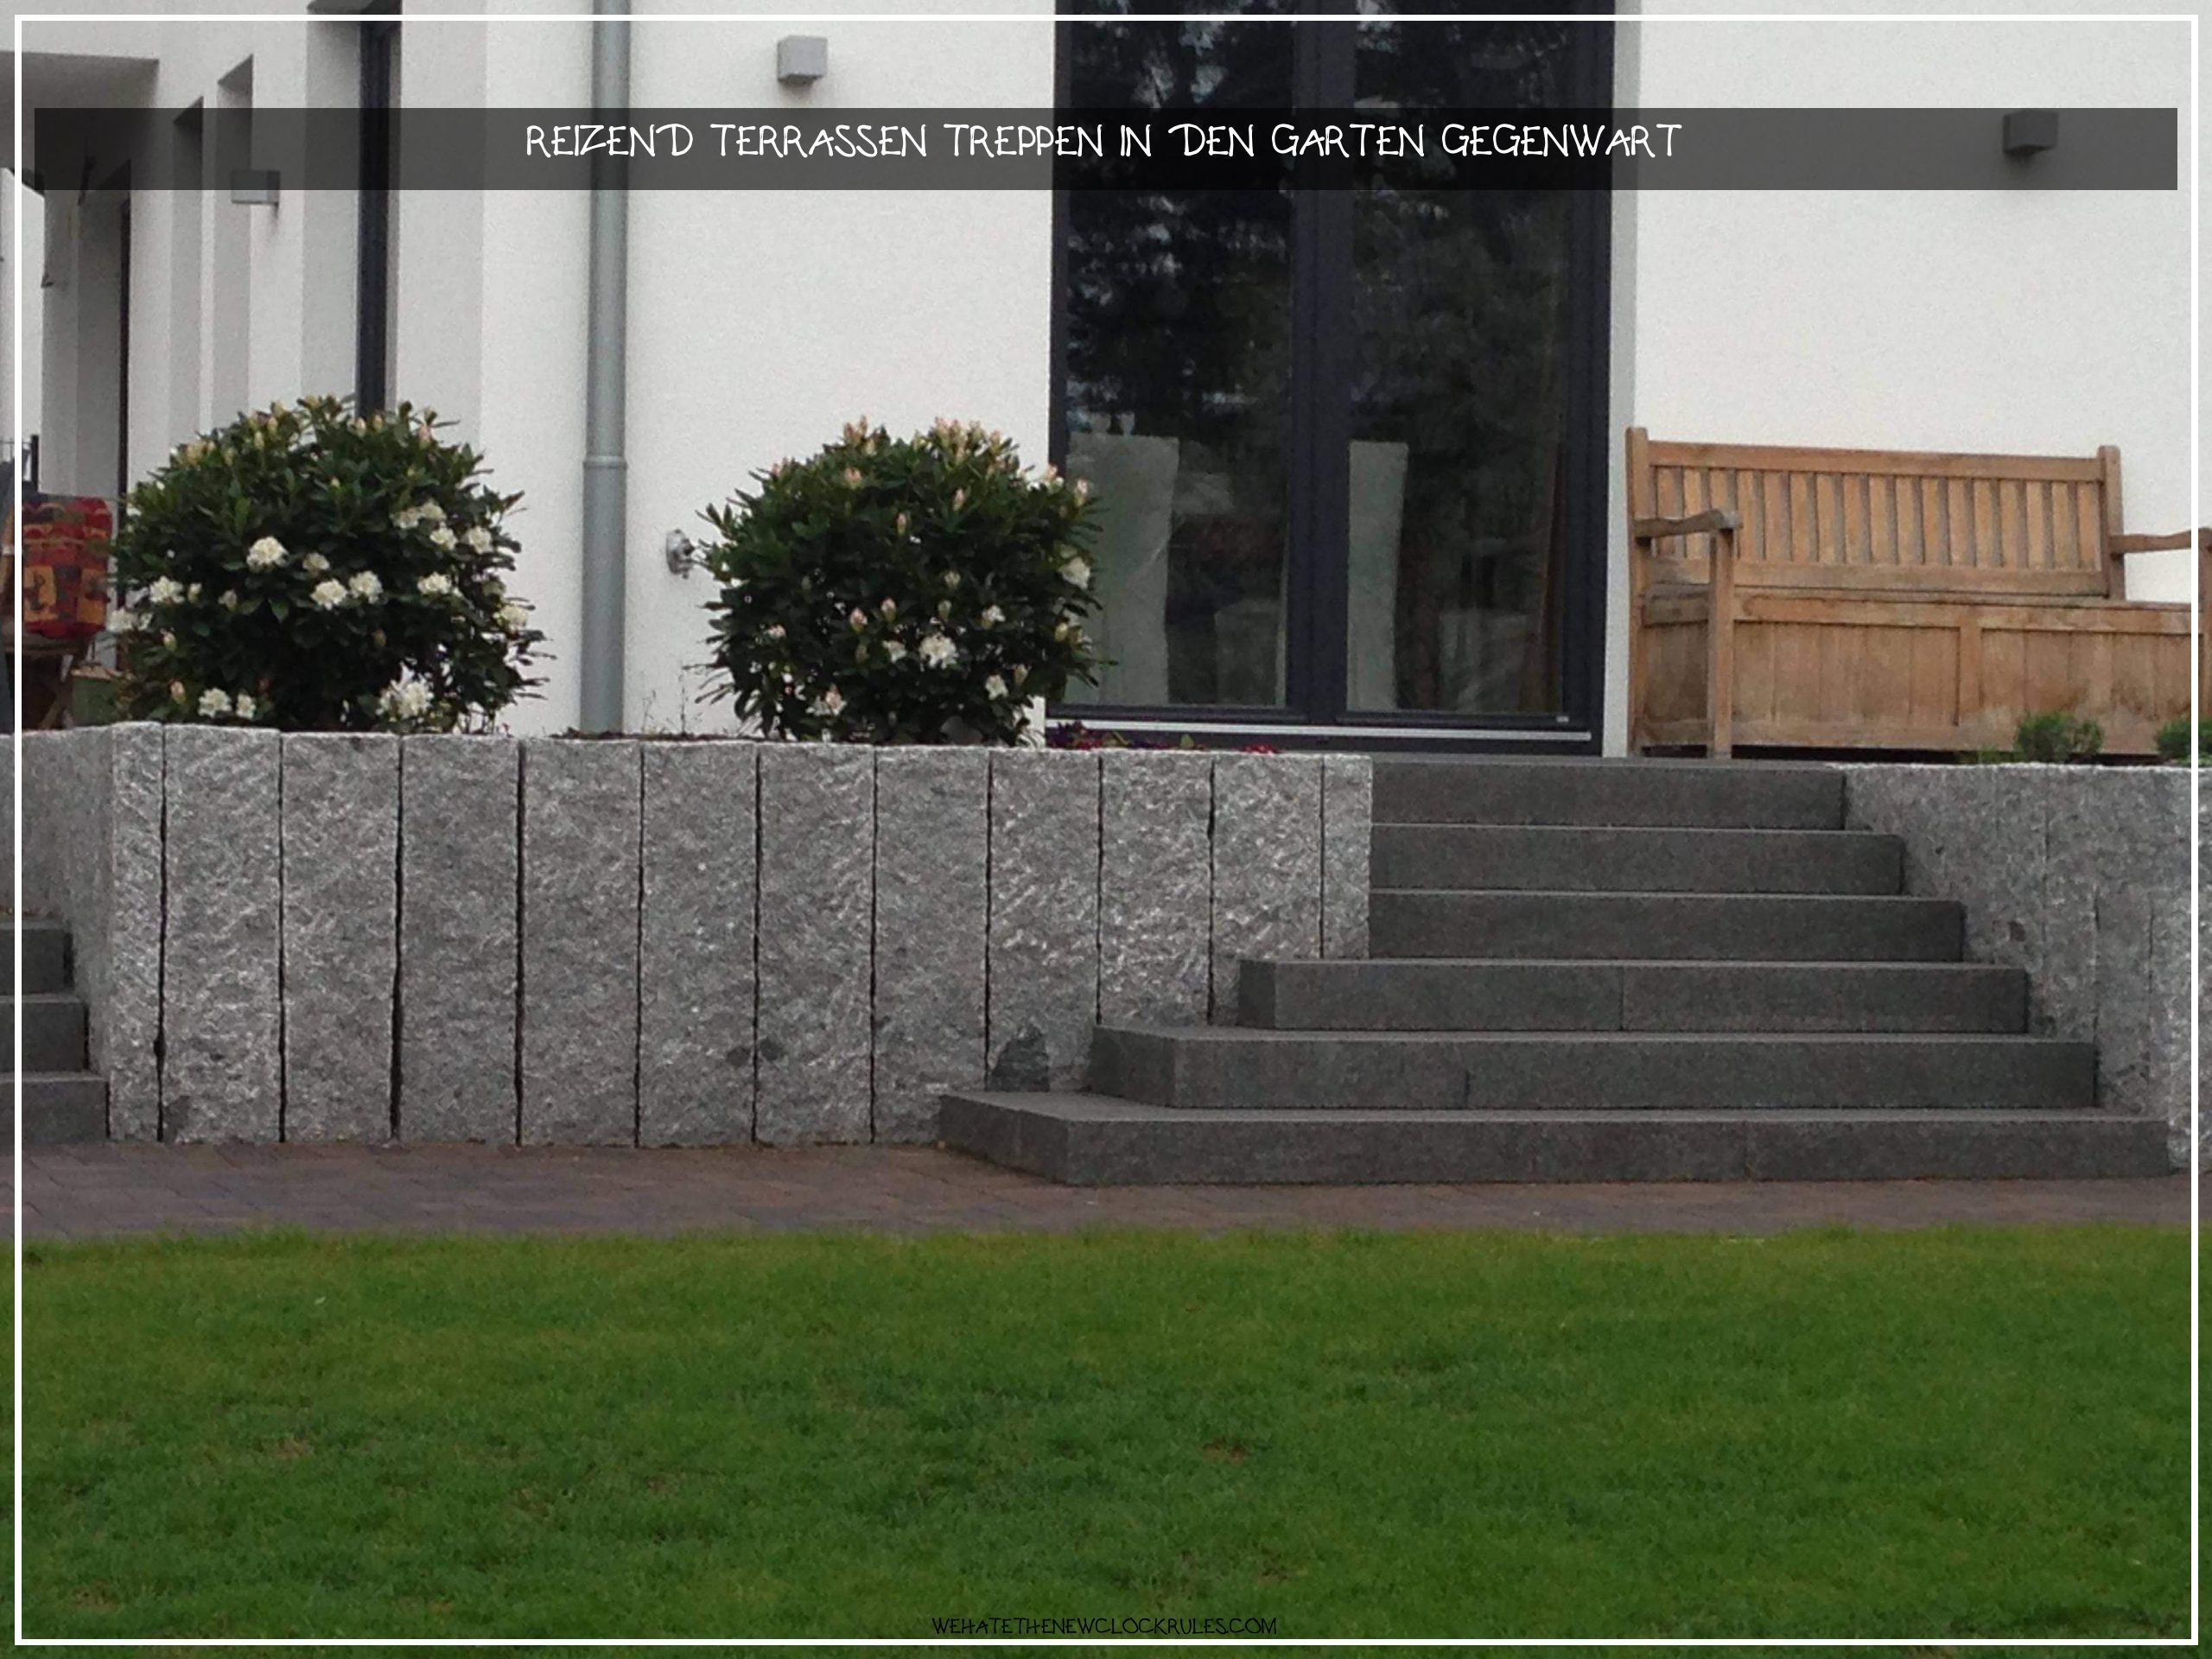 schon terrassen treppen in den garten konzept image result for terrasse mit stufen of terrassen treppen in den garten scaled pin